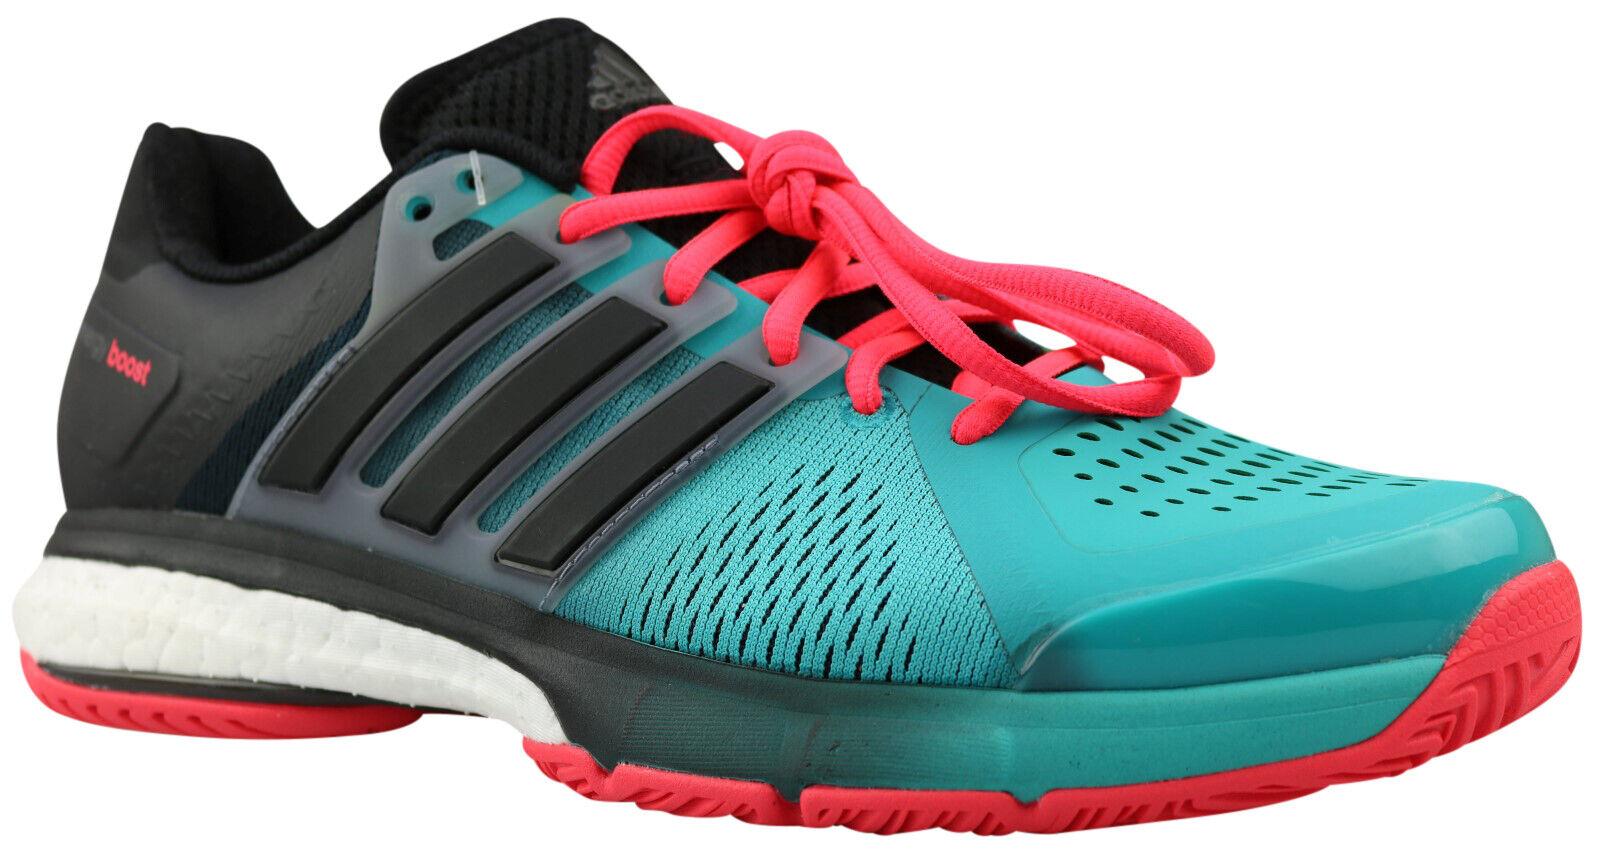 Zapatillas de tenis Hombres Adidas tenis energía impulso mujeres verde S82692 tamaño 42 nuevo